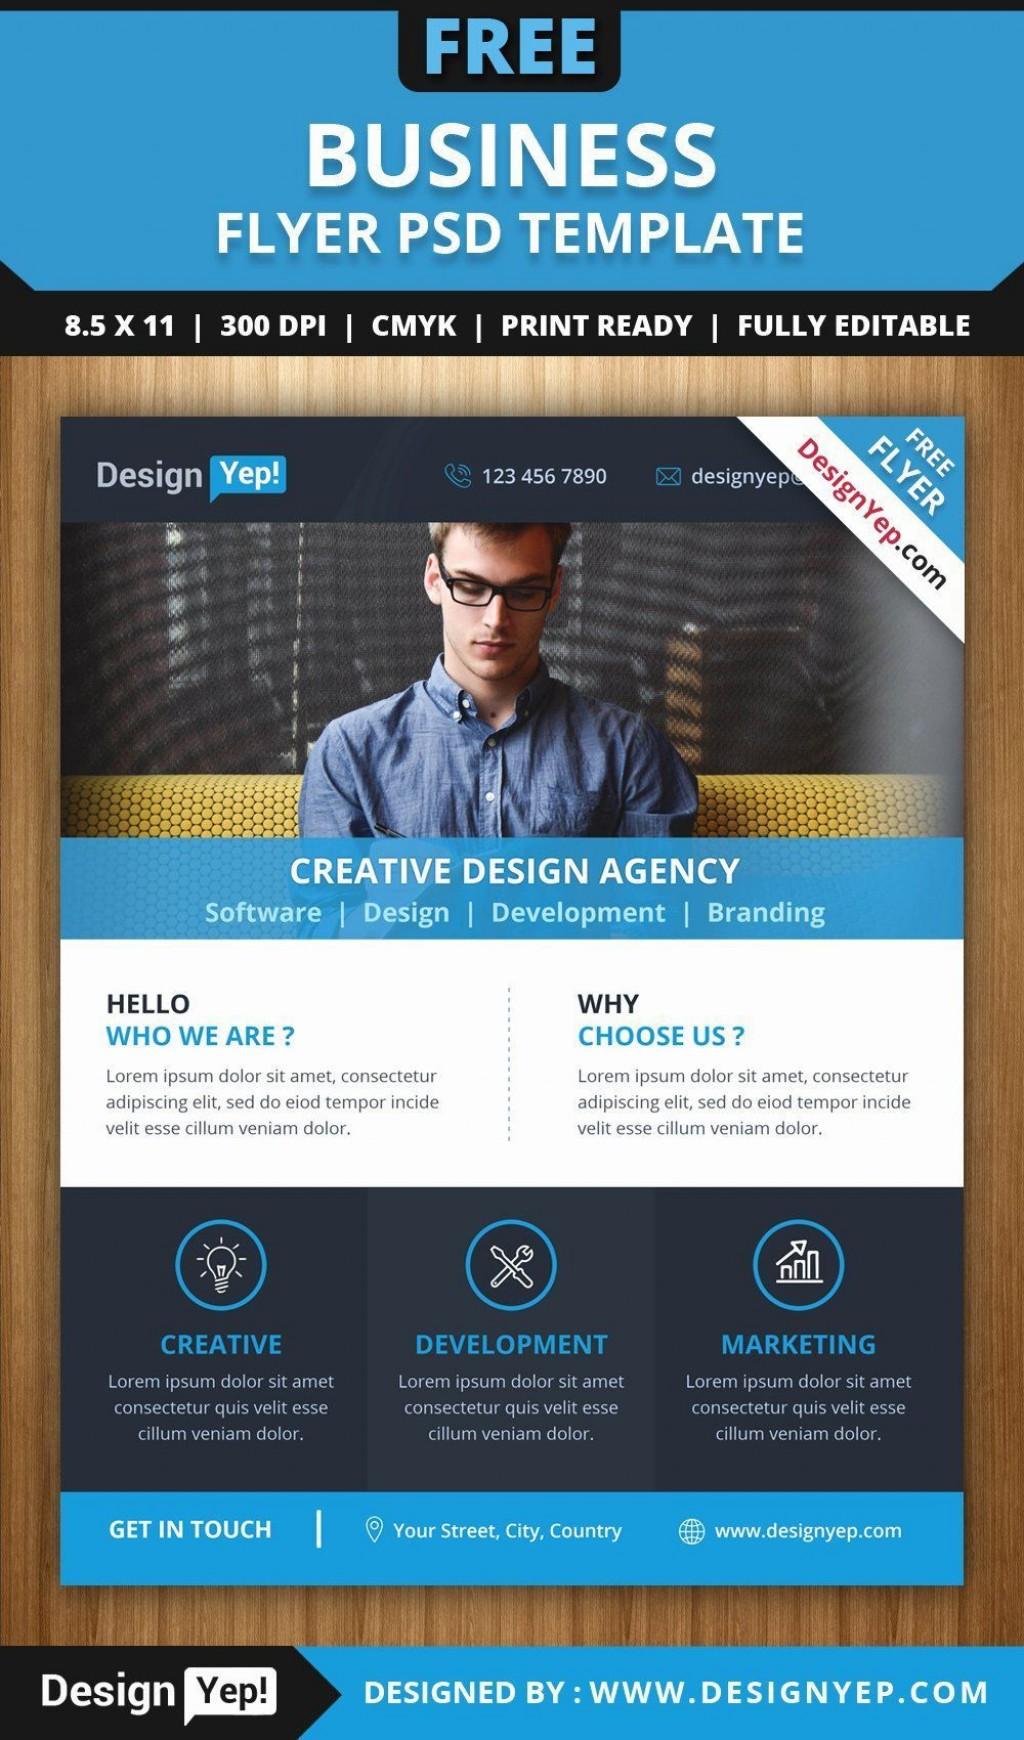 001 Singular Busines Flyer Template Free Download Concept  Psd DesignLarge